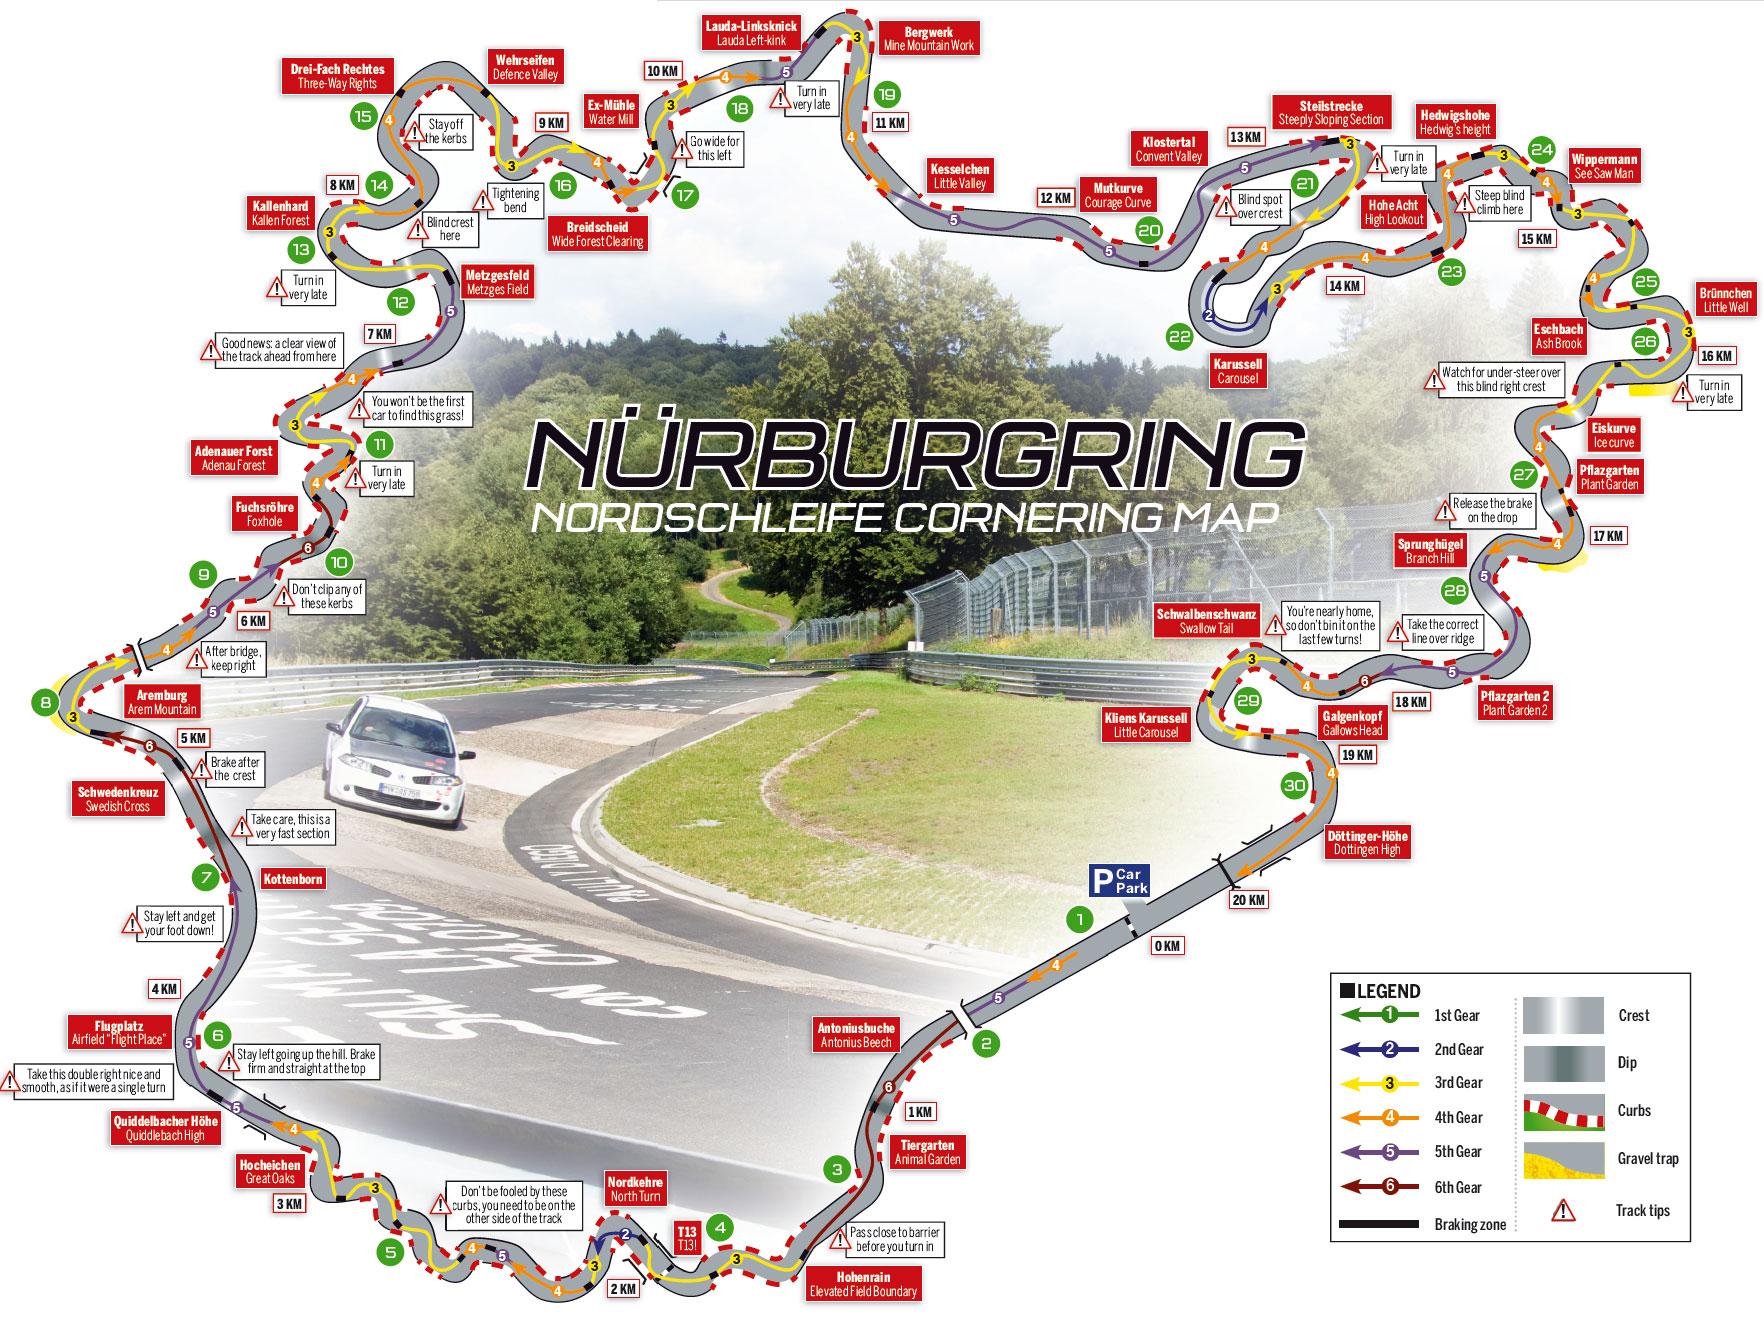 nurburgring-cornering-map-guide-download